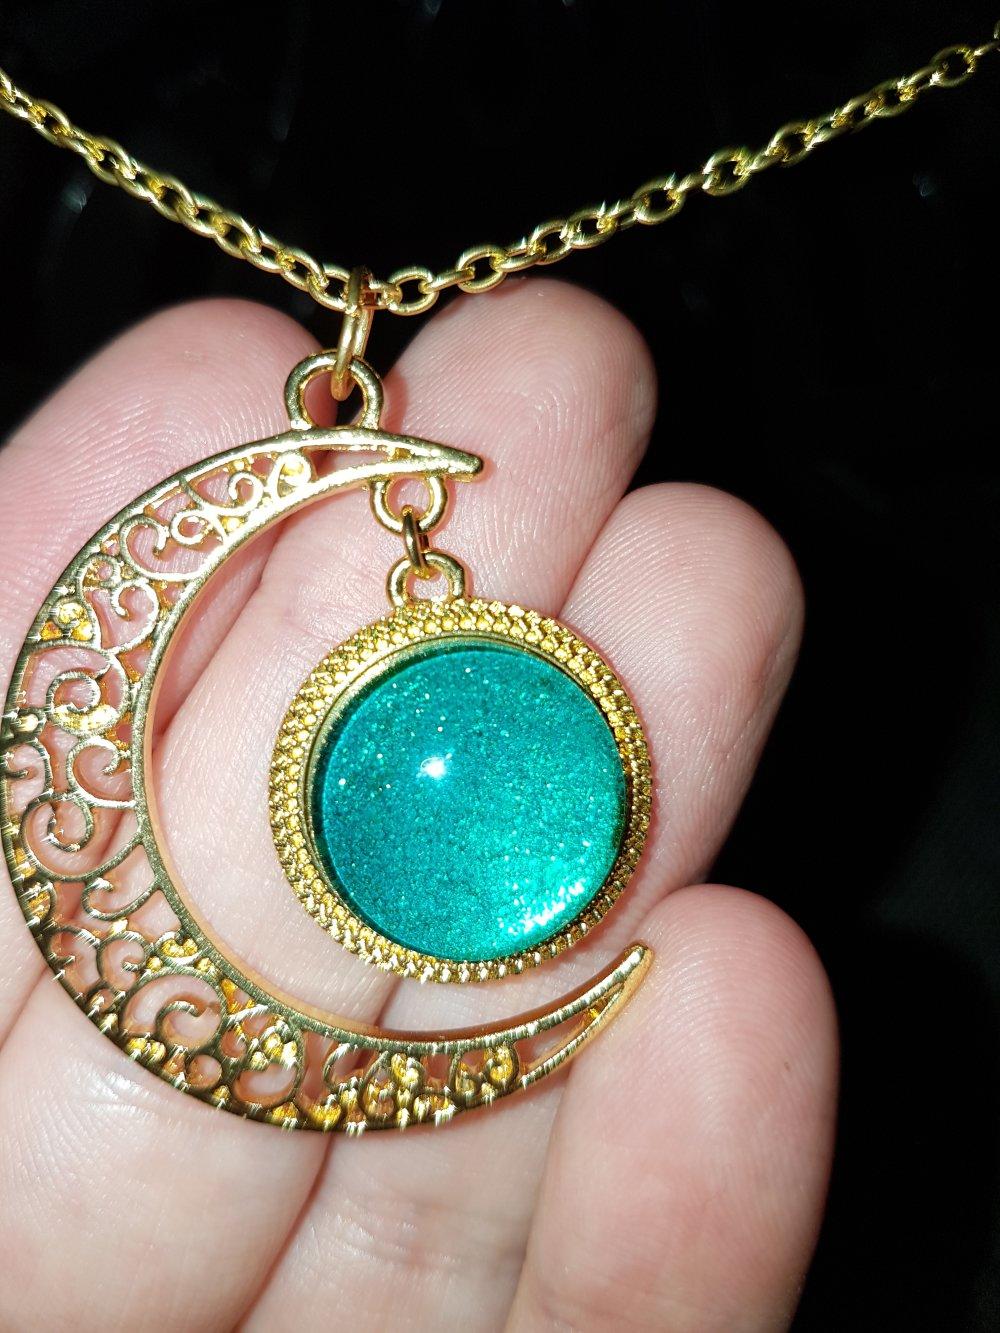 Collier chaîne dorée lune verte pailletée